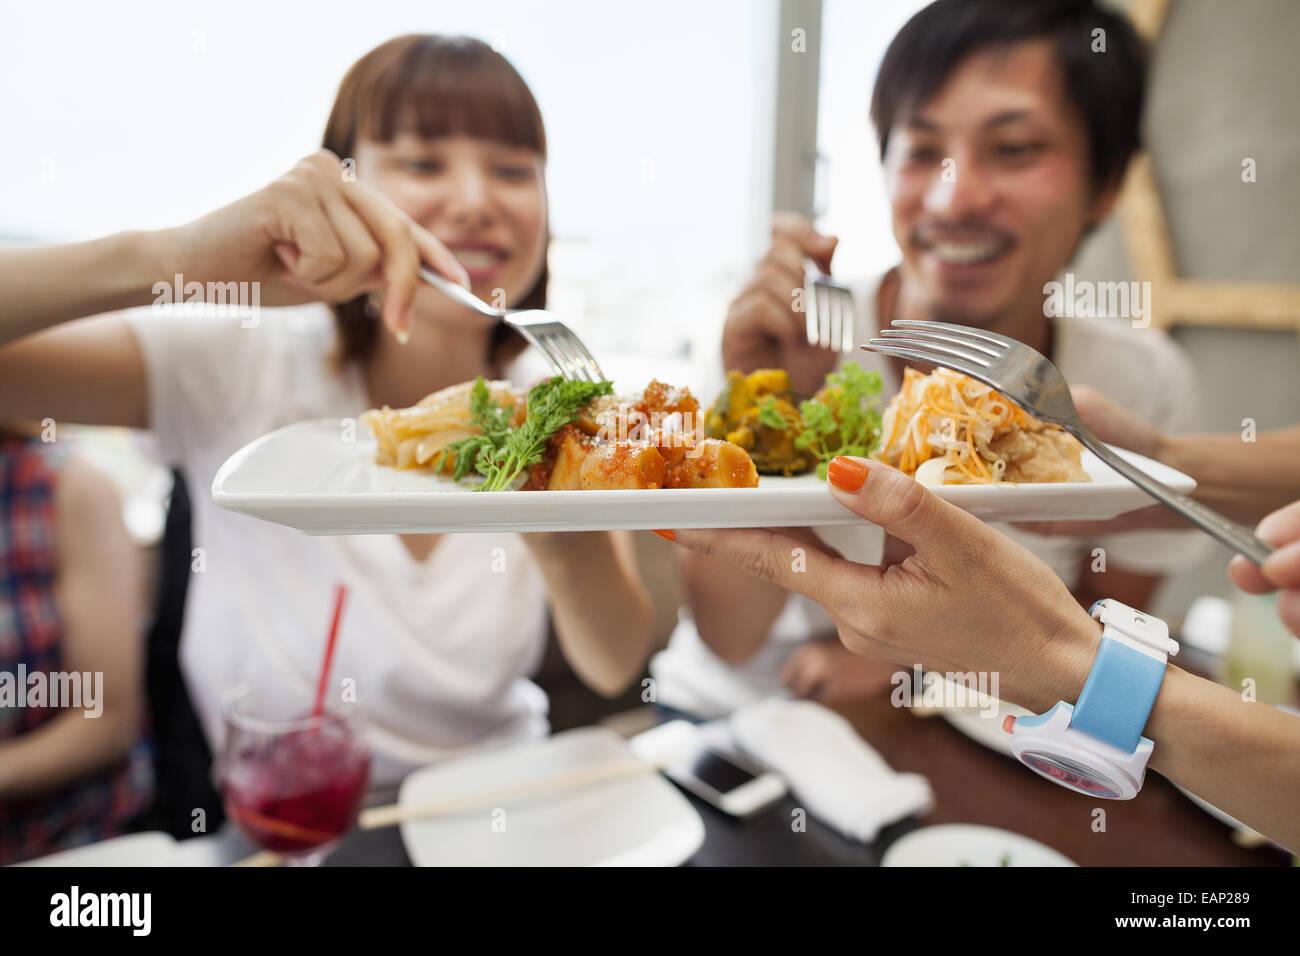 Gruppo di amici la condivisione di un pasto. Immagini Stock